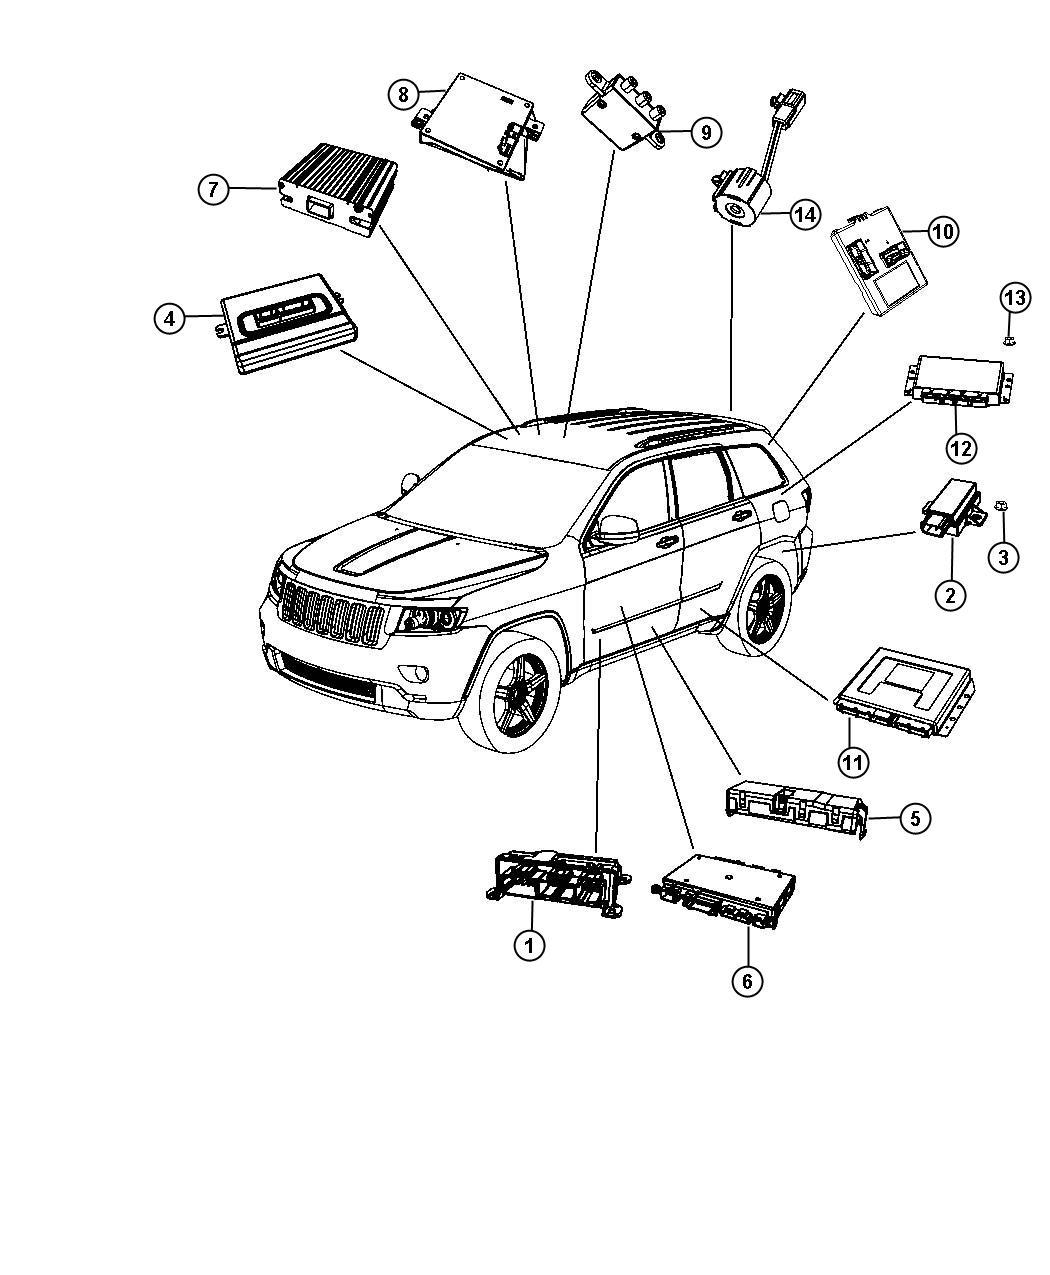 Jeep Grand Cherokee Module Transfer Case Control